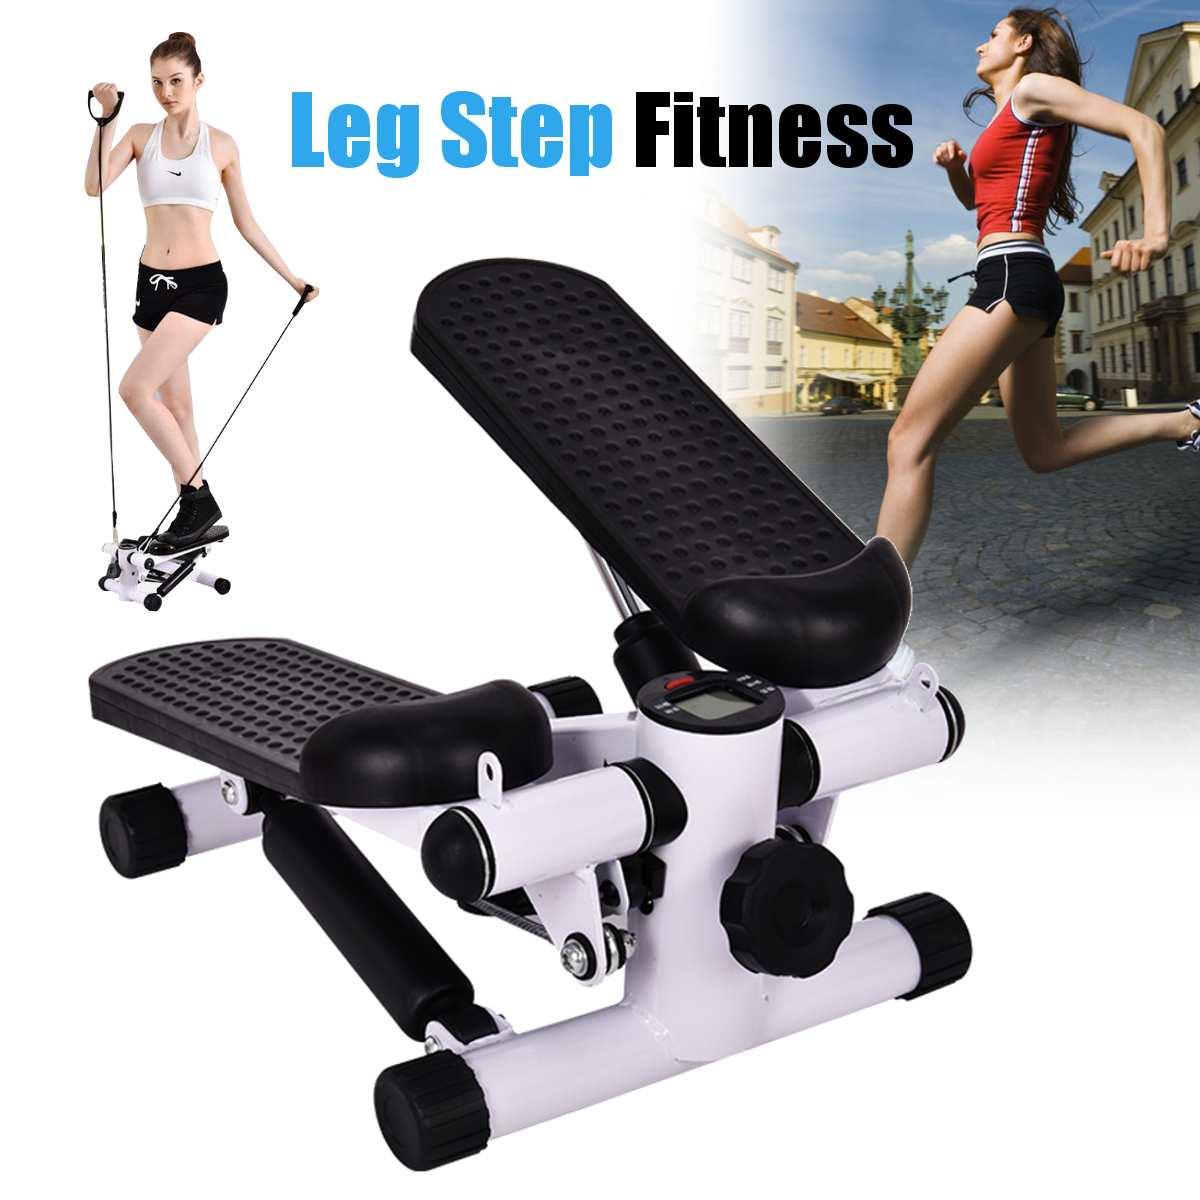 Бытовое многофункциональное педальное небольшое спортивное оборудование для похудения Steppers с ручкой + ЖК-монитором